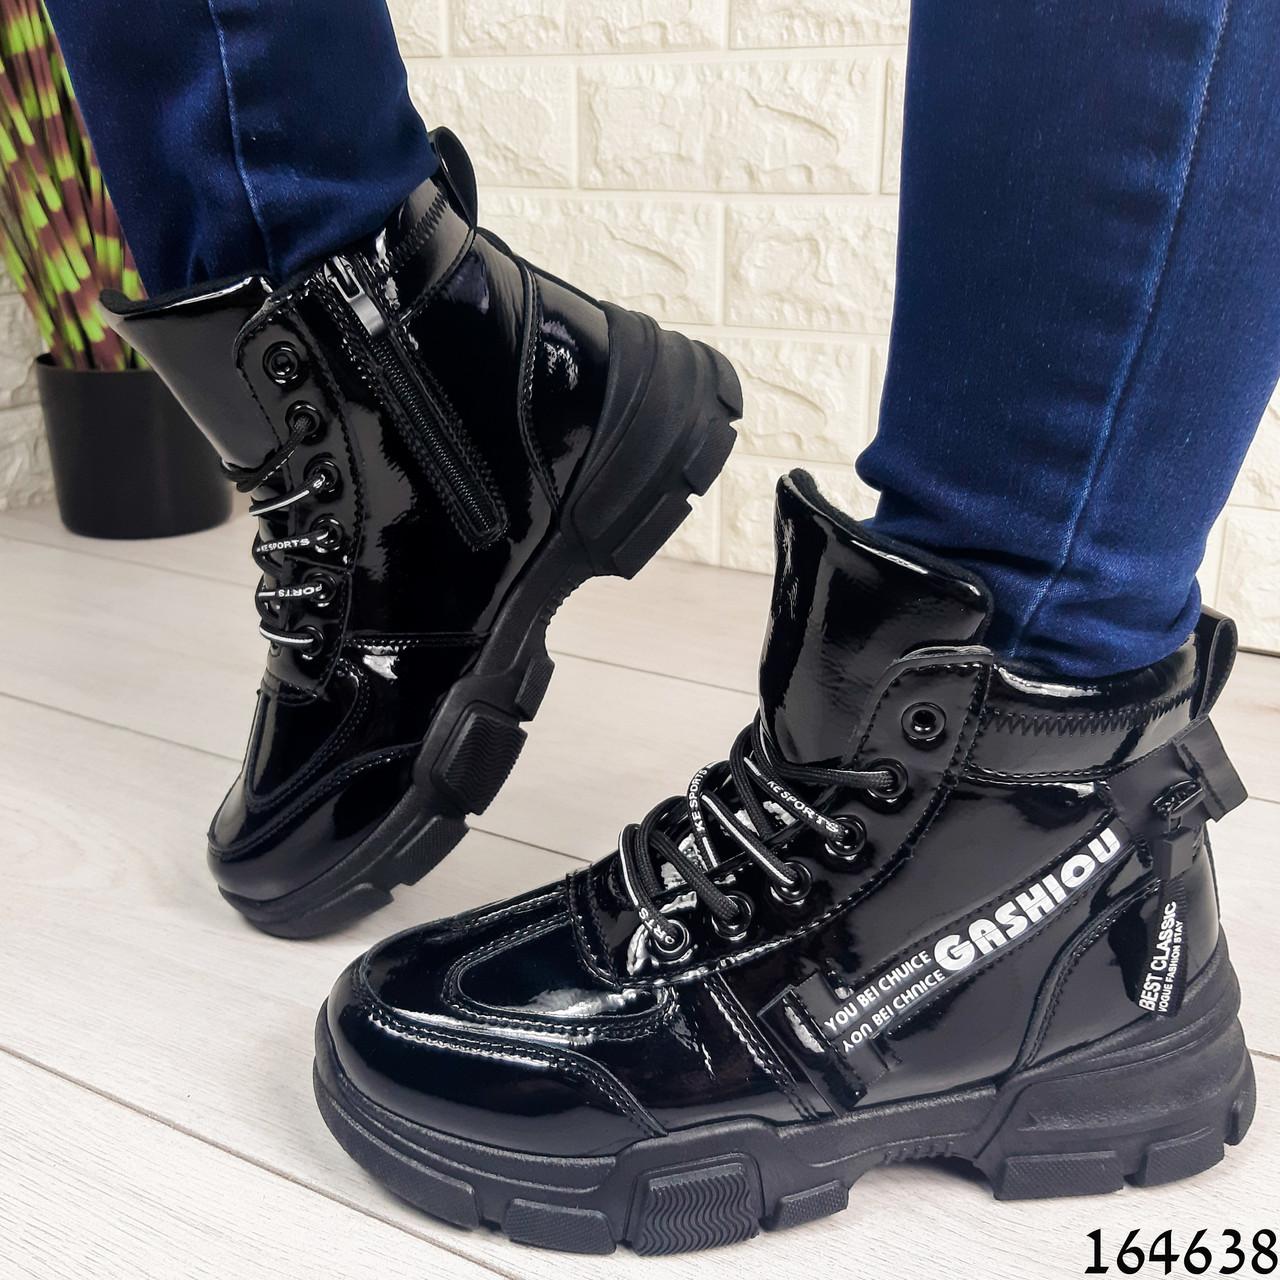 Жіночі черевики демісезонні чорні з еко шкіри. Всередині утеплювач текстильний